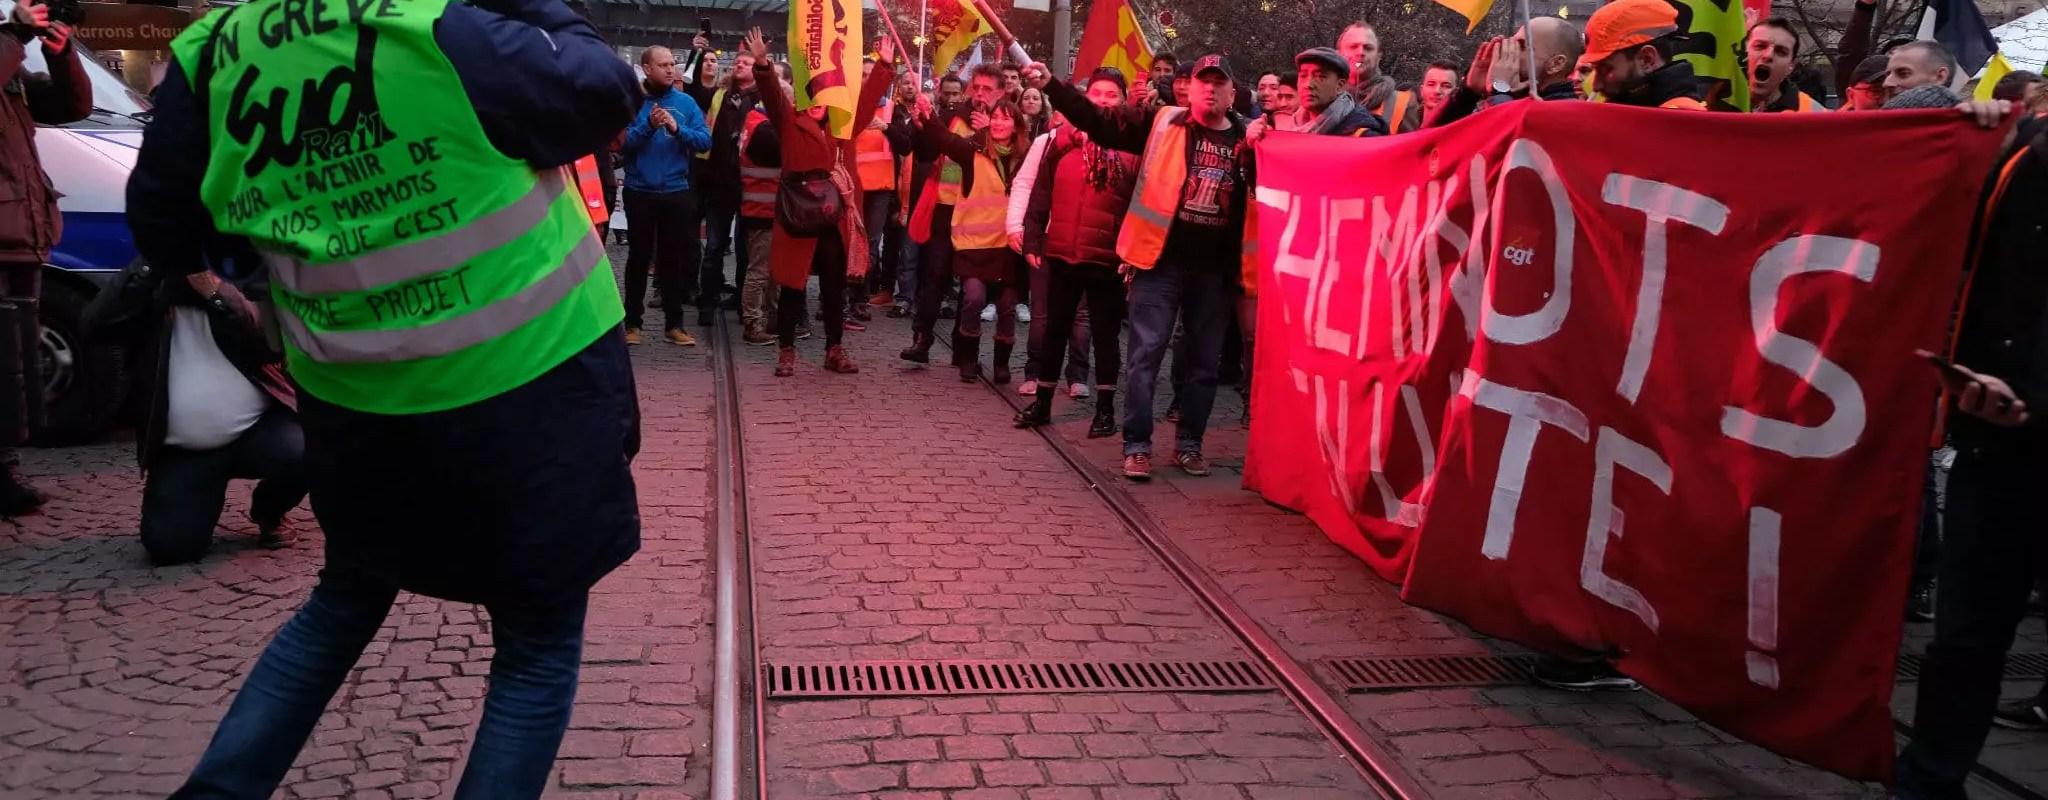 Des cheminots déterminés et plus de 4500 manifestants contre la réforme des retraites